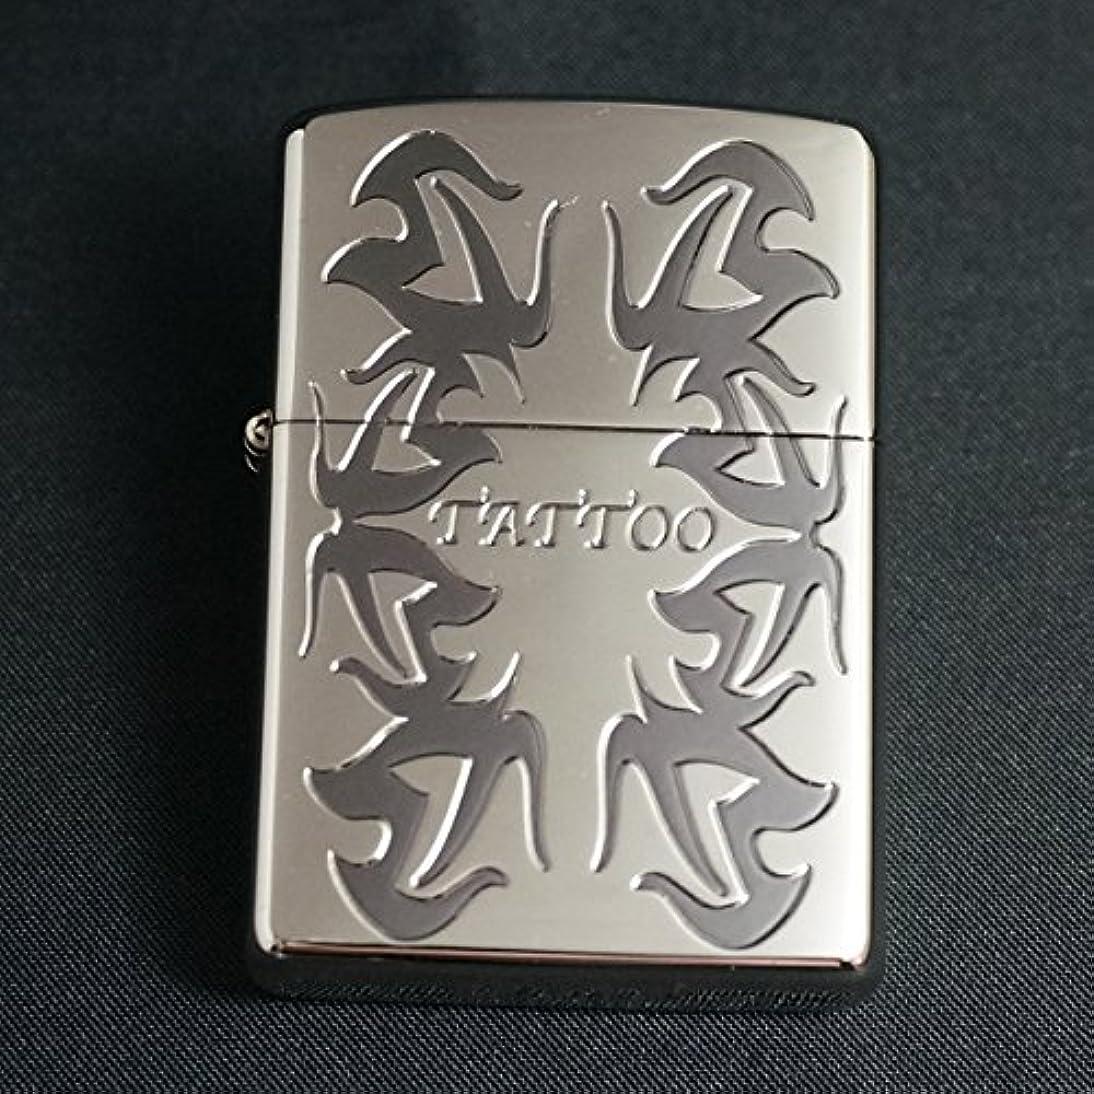 感嘆符机見落とすzippo(ジッポー) TATTOOデザイン SV 2005年製造